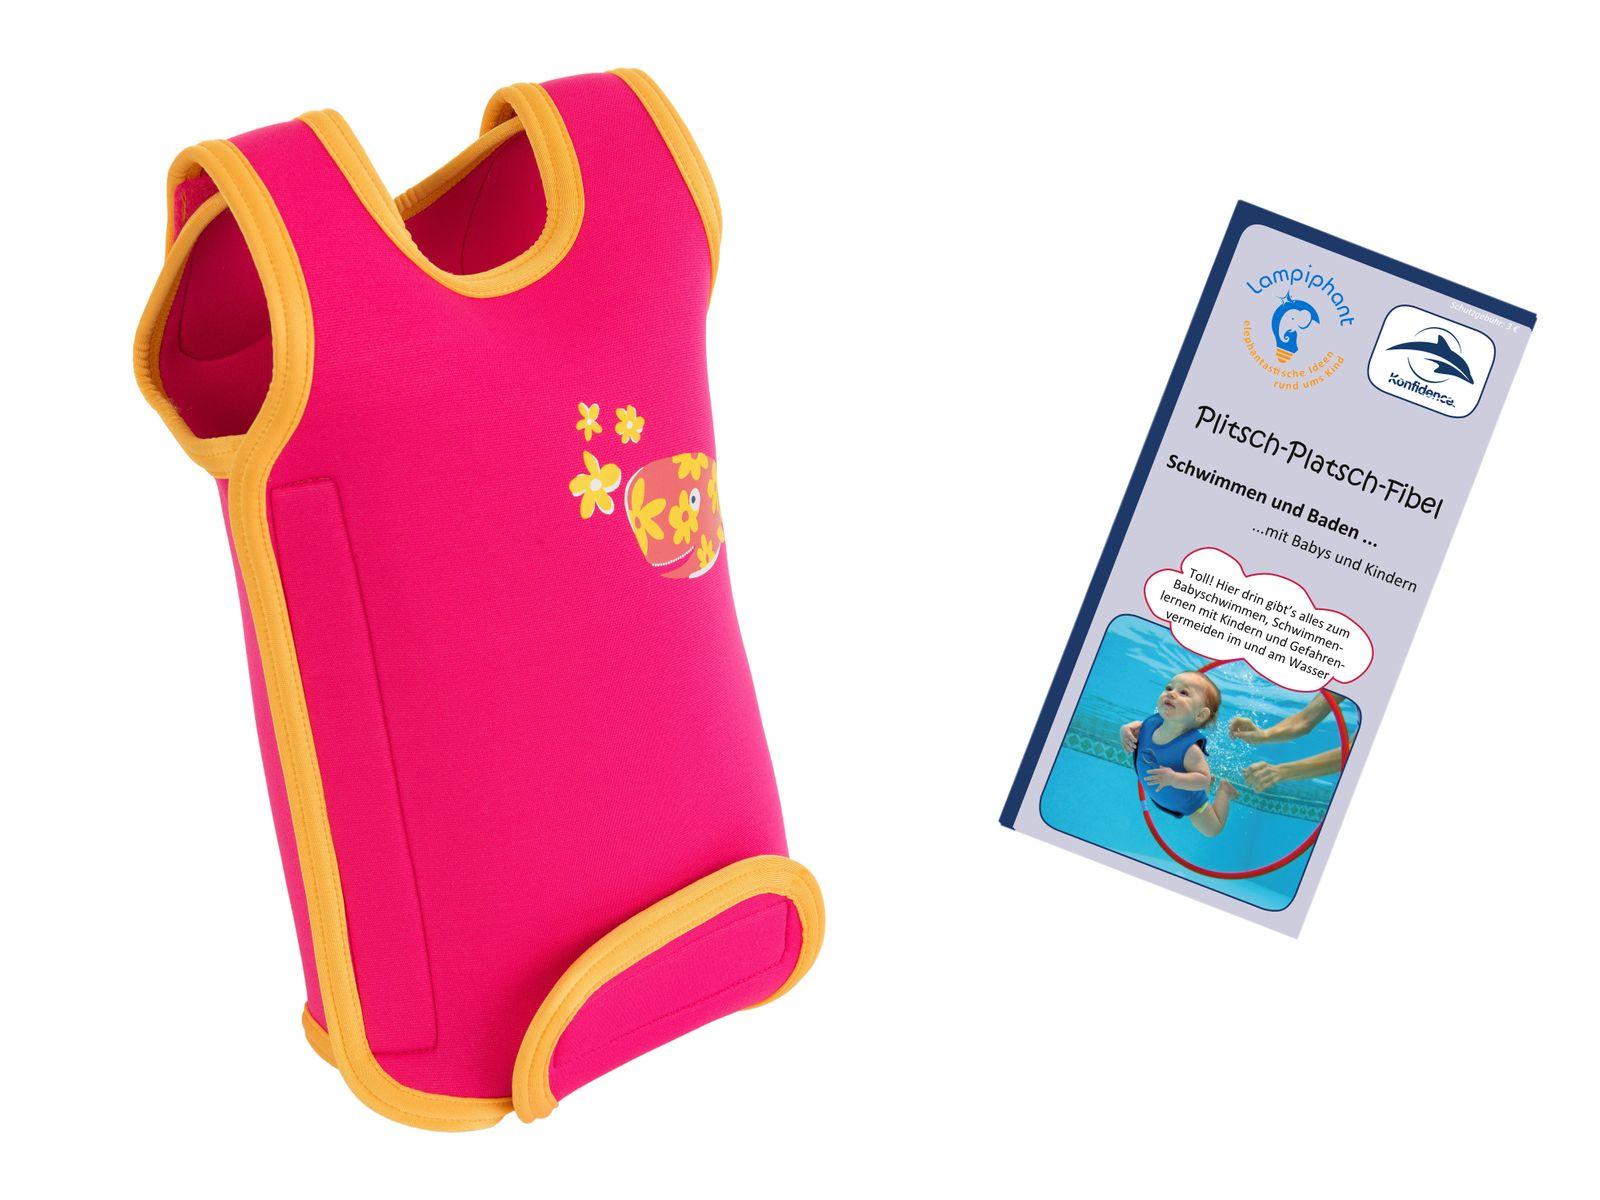 Lampiphant® + Konfidence Babywarma, Schwimm-Anzug mit Plitsch-Platsch-Fibel – Bild 13